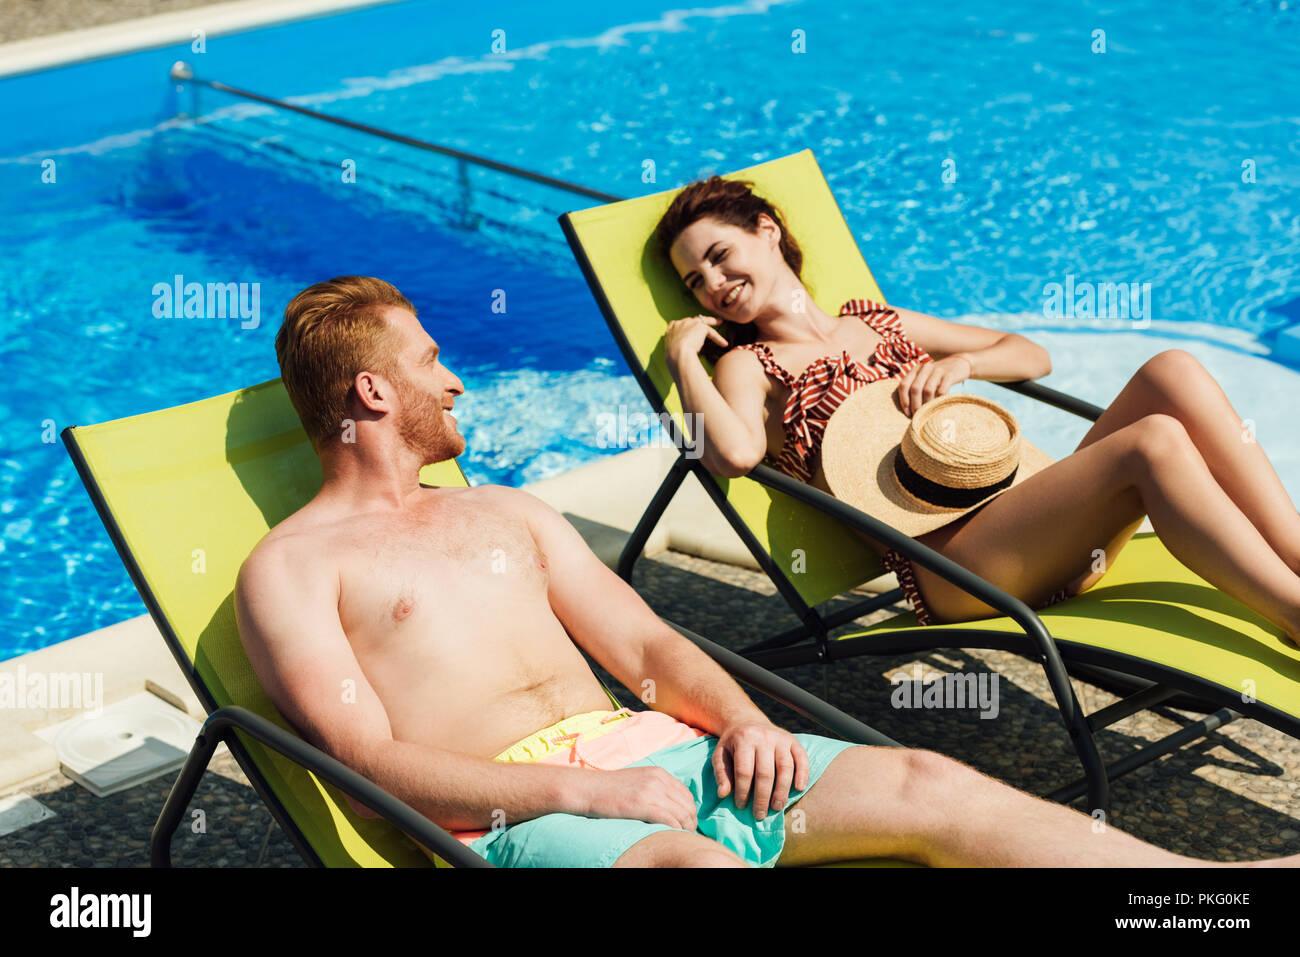 Felice coppia giovane flirtare durante i momenti di relax al sole su una sedia a sdraio di fronte piscina Immagini Stock